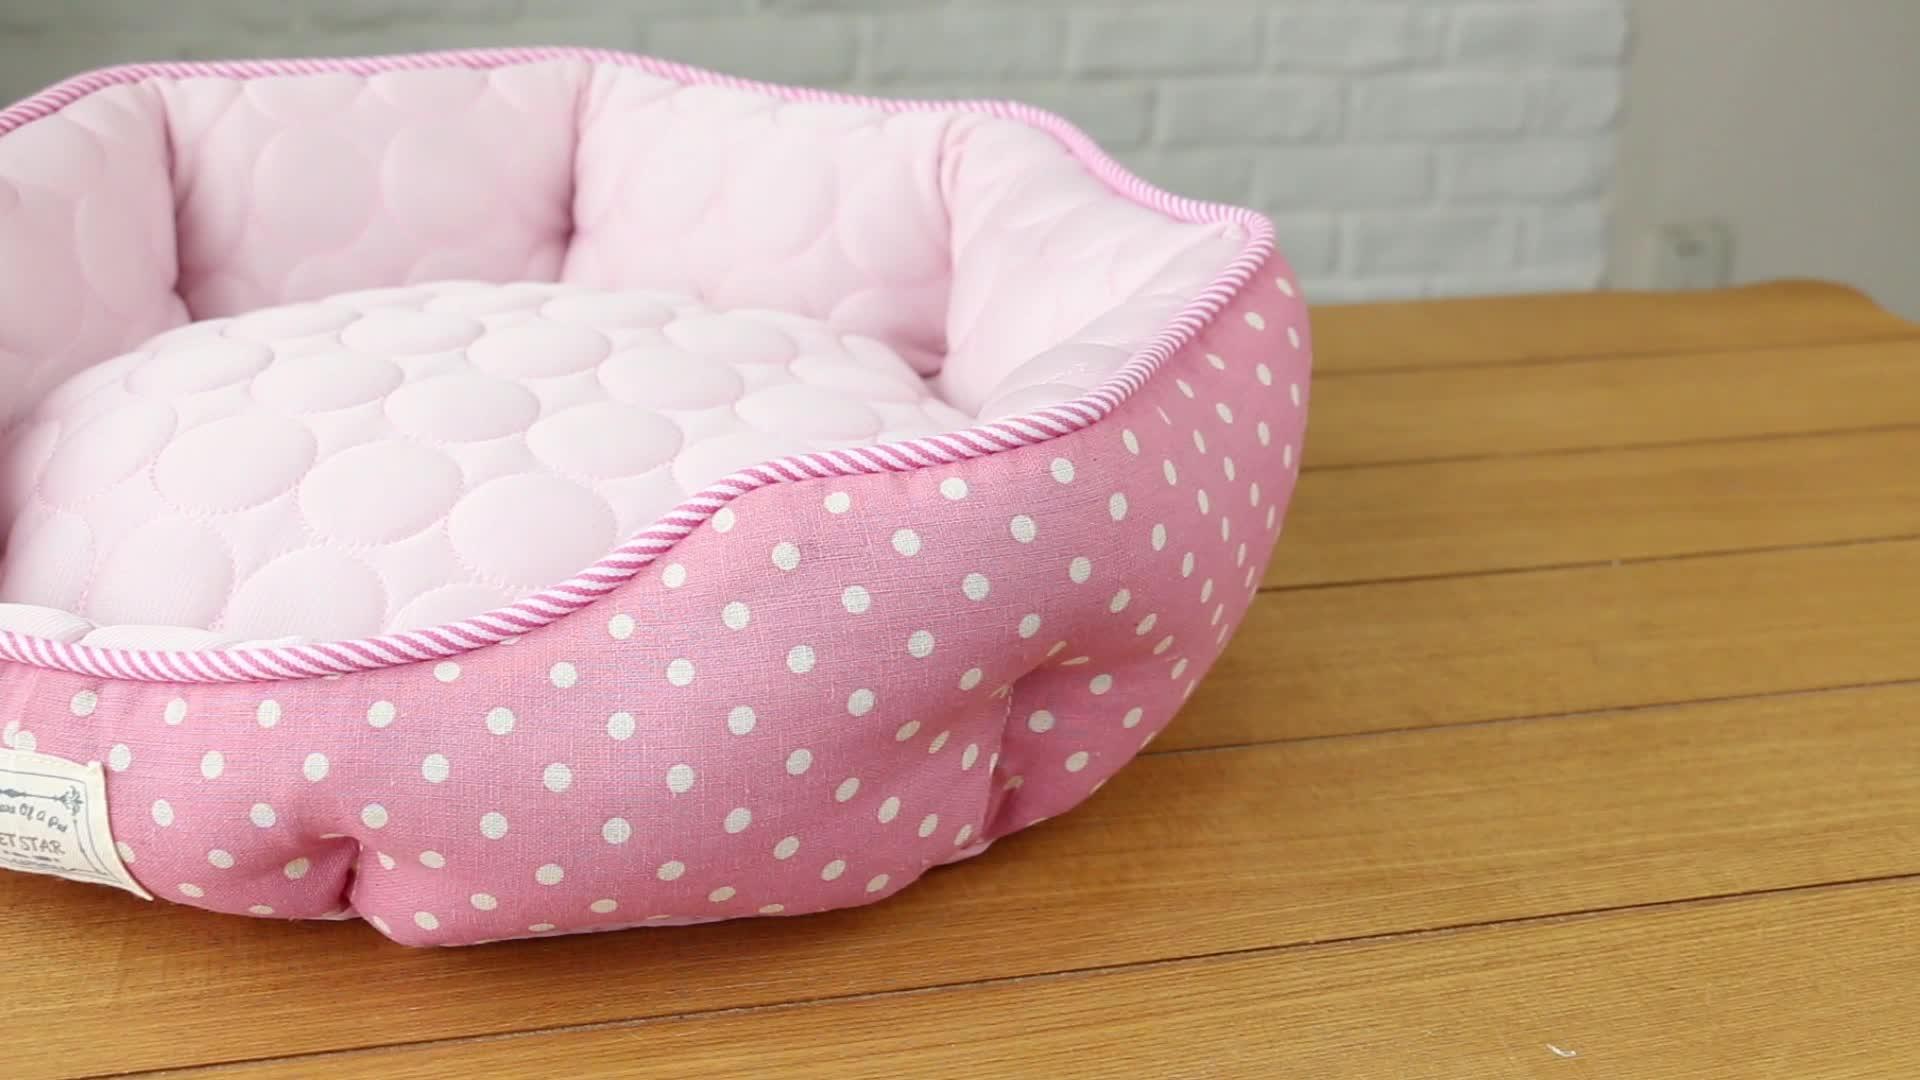 Speedypet новый дизайн летний охлаждающий коврик для домашних животных кровать для домашних животных